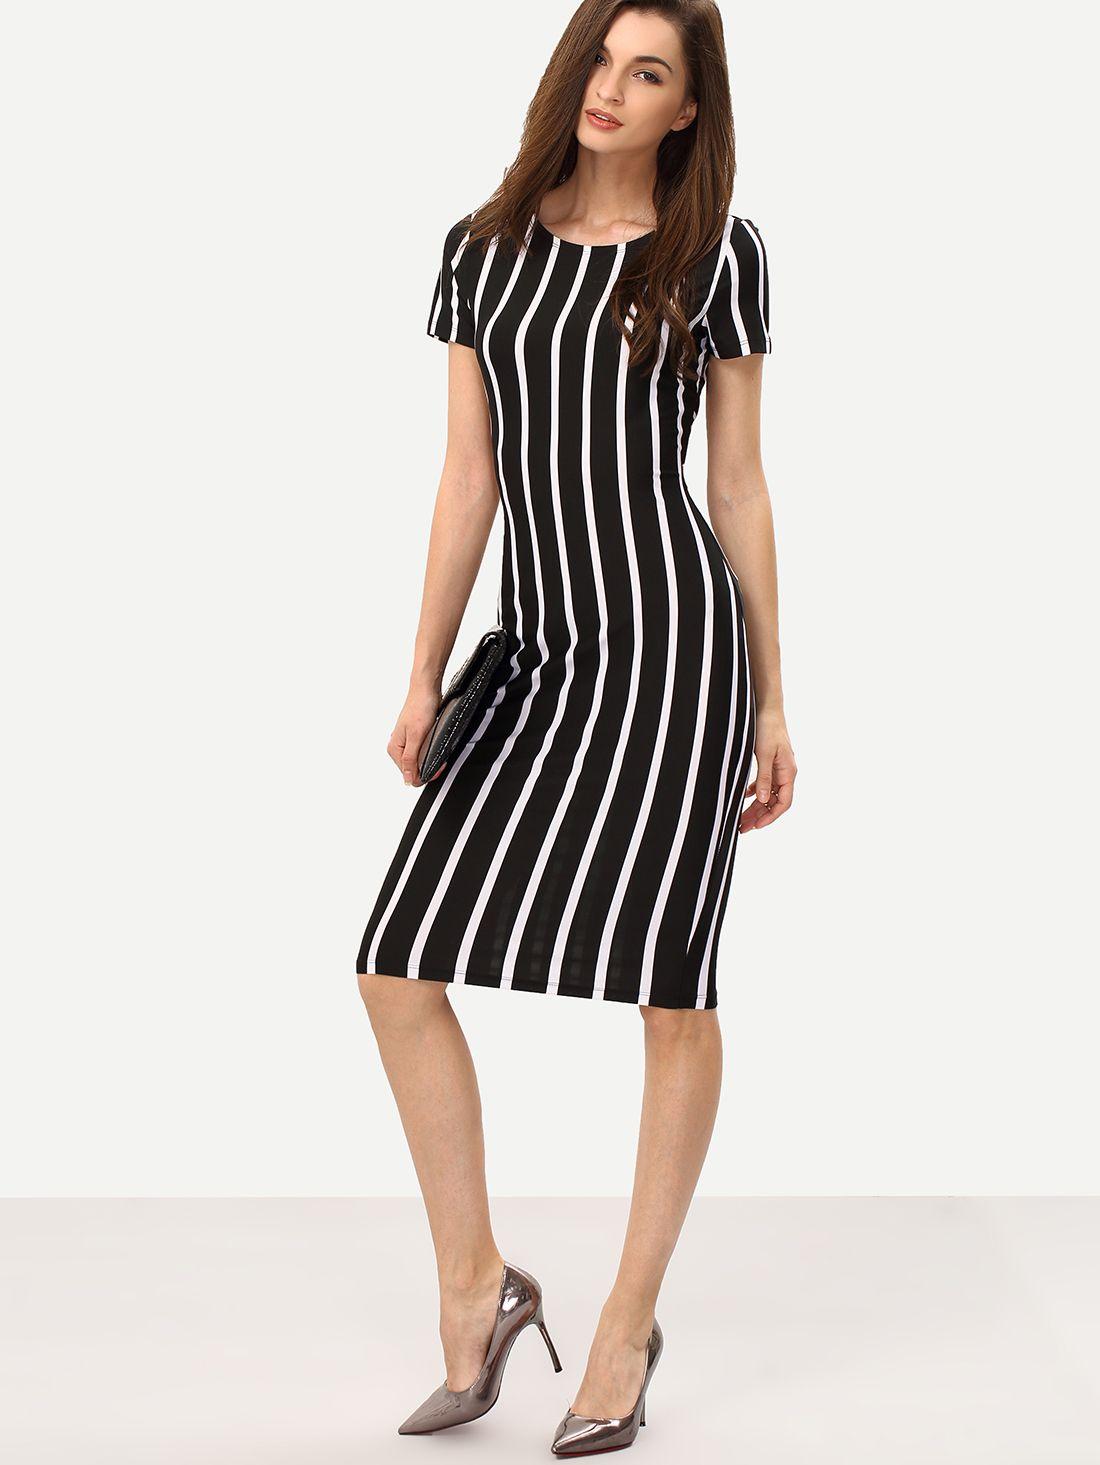 Vestido rayas negras y blancas verticales